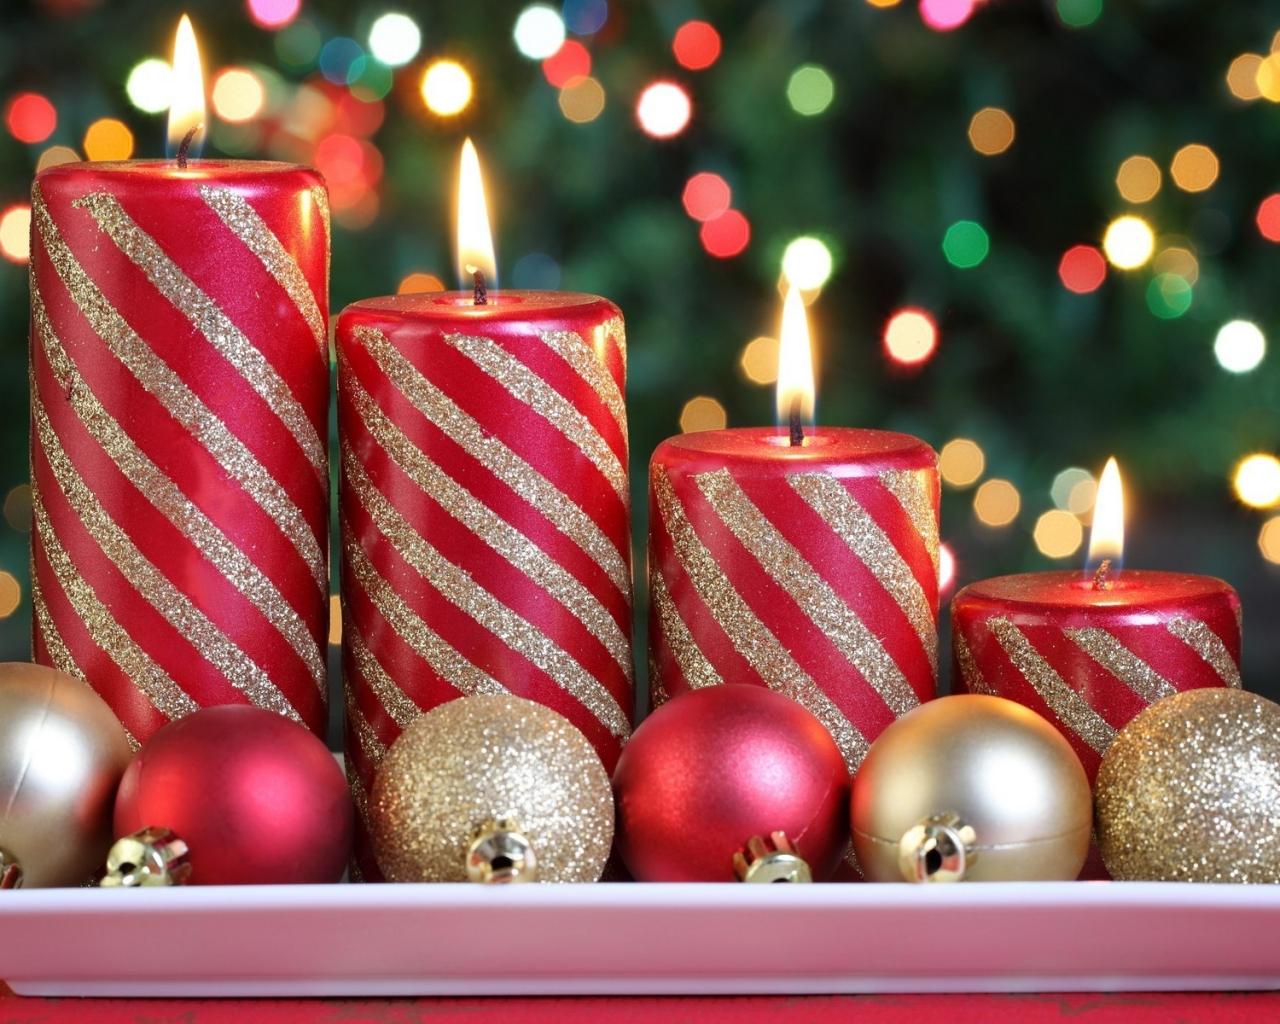 Arreglo de velas x navidad - 1280x1024